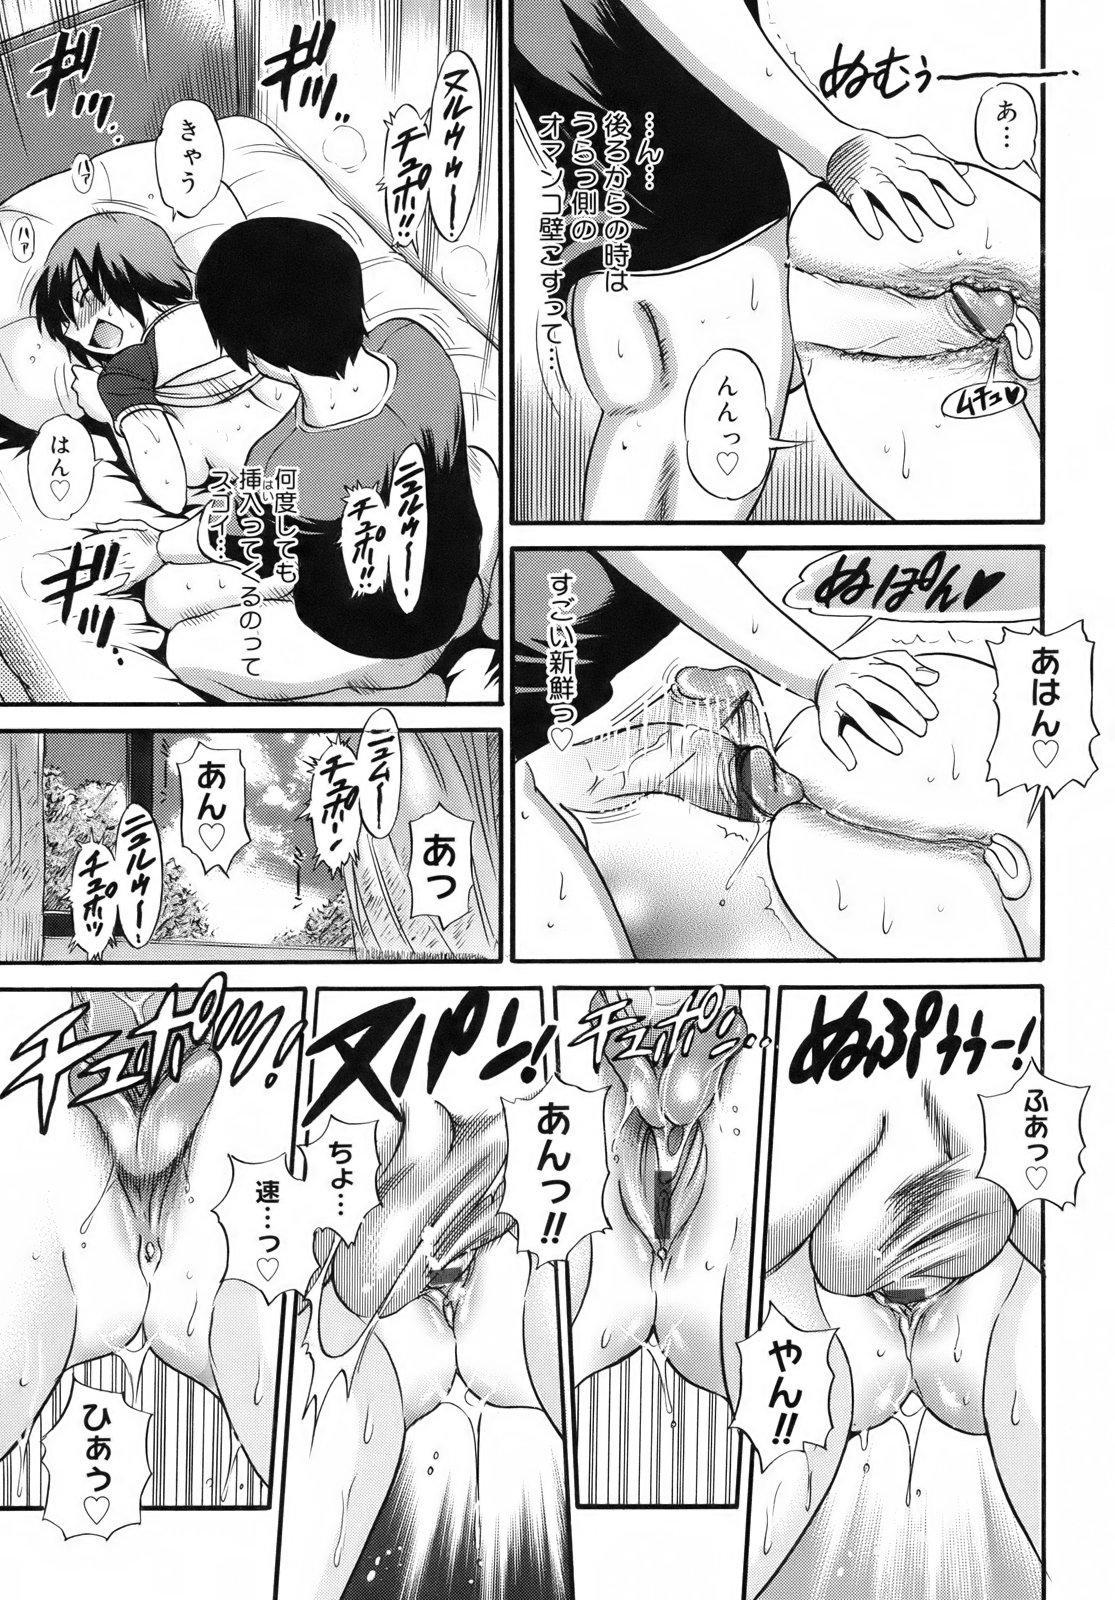 B-Chiku Egaki Oroshi Shousasshi 133